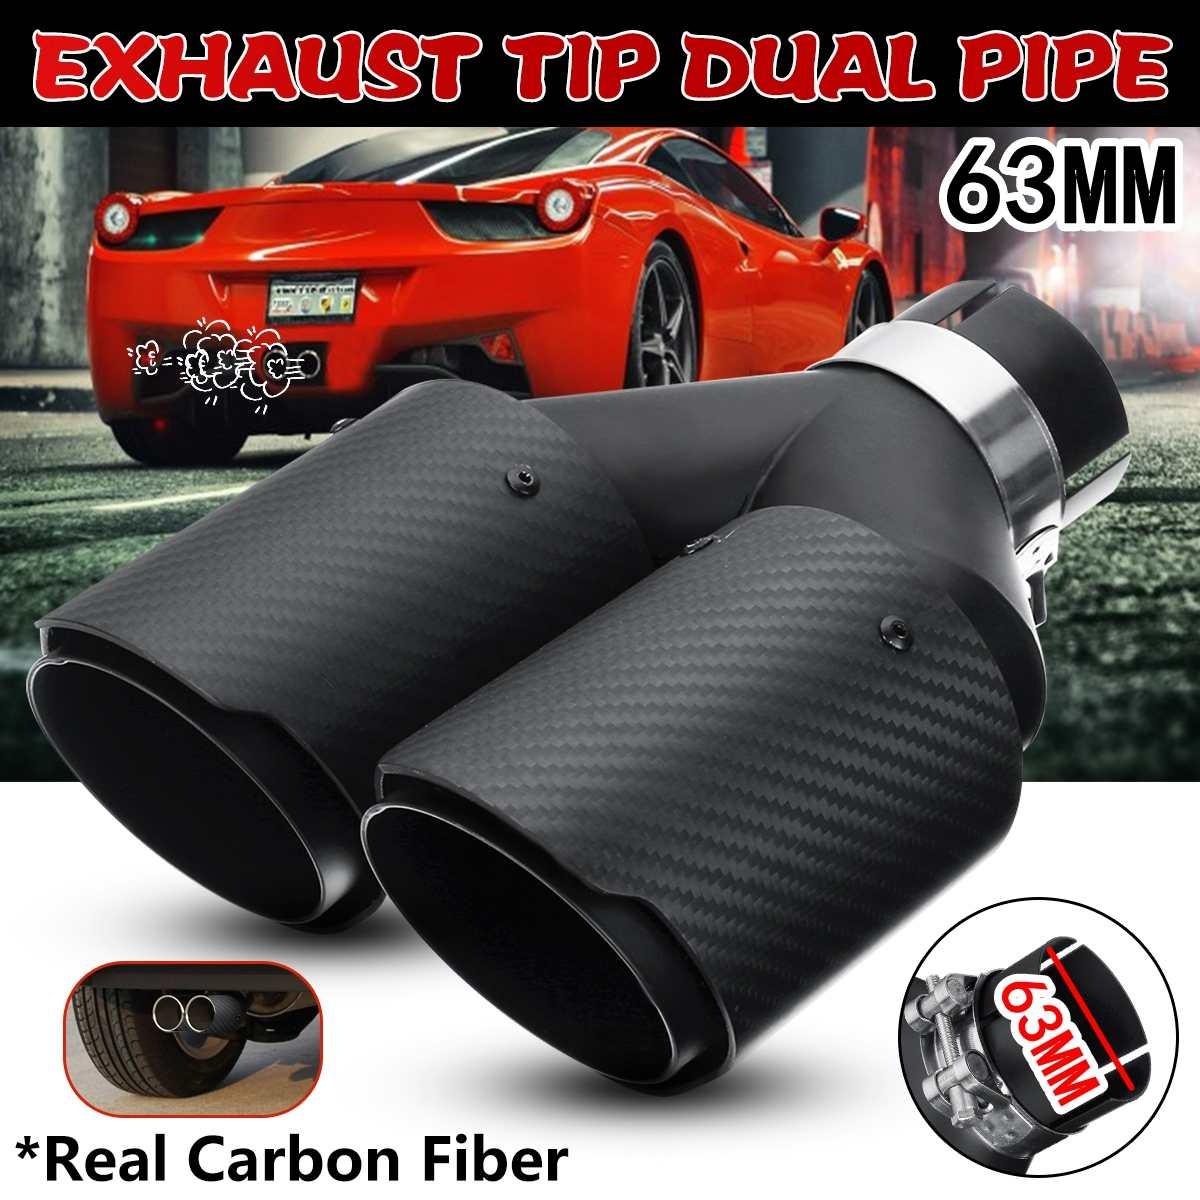 63 MM double sortie tuyau d'échappement universel en Fiber de carbone véritable mat noir silencieux d'échappement embout queue tuyau voiture Auto accessoires